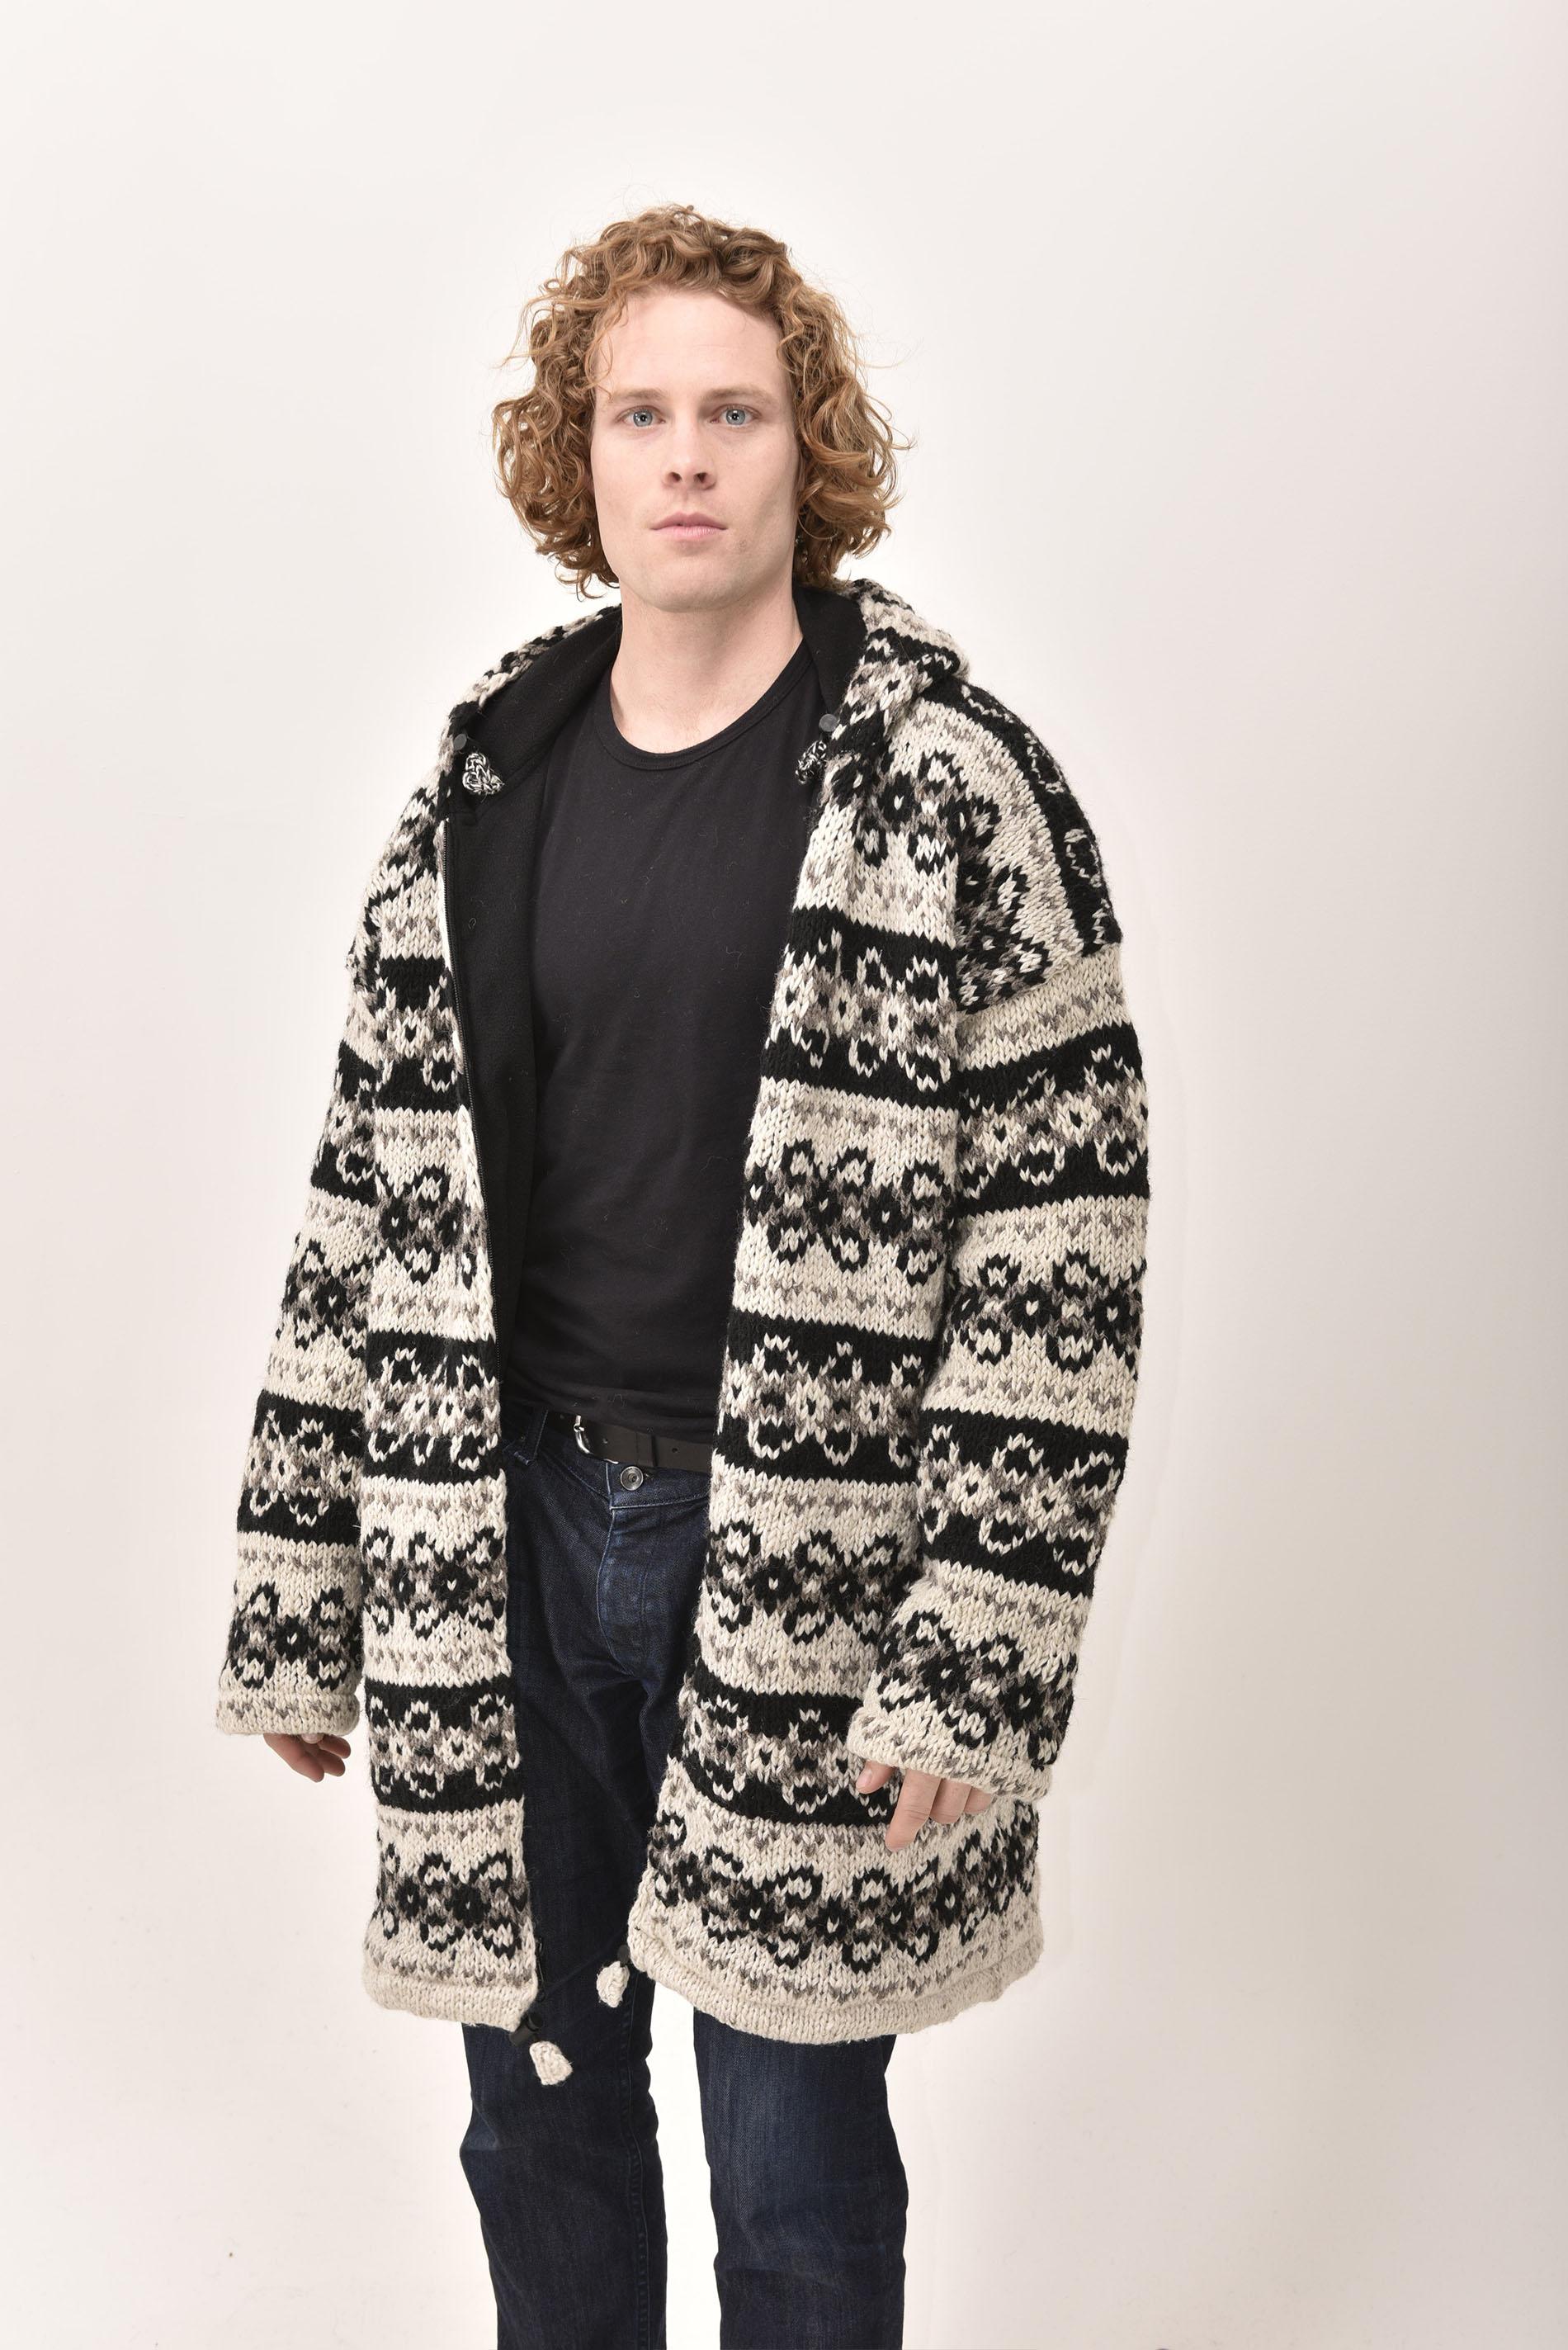 Himalayan Mountain Jacket Long Length Vintage Pattern, Black